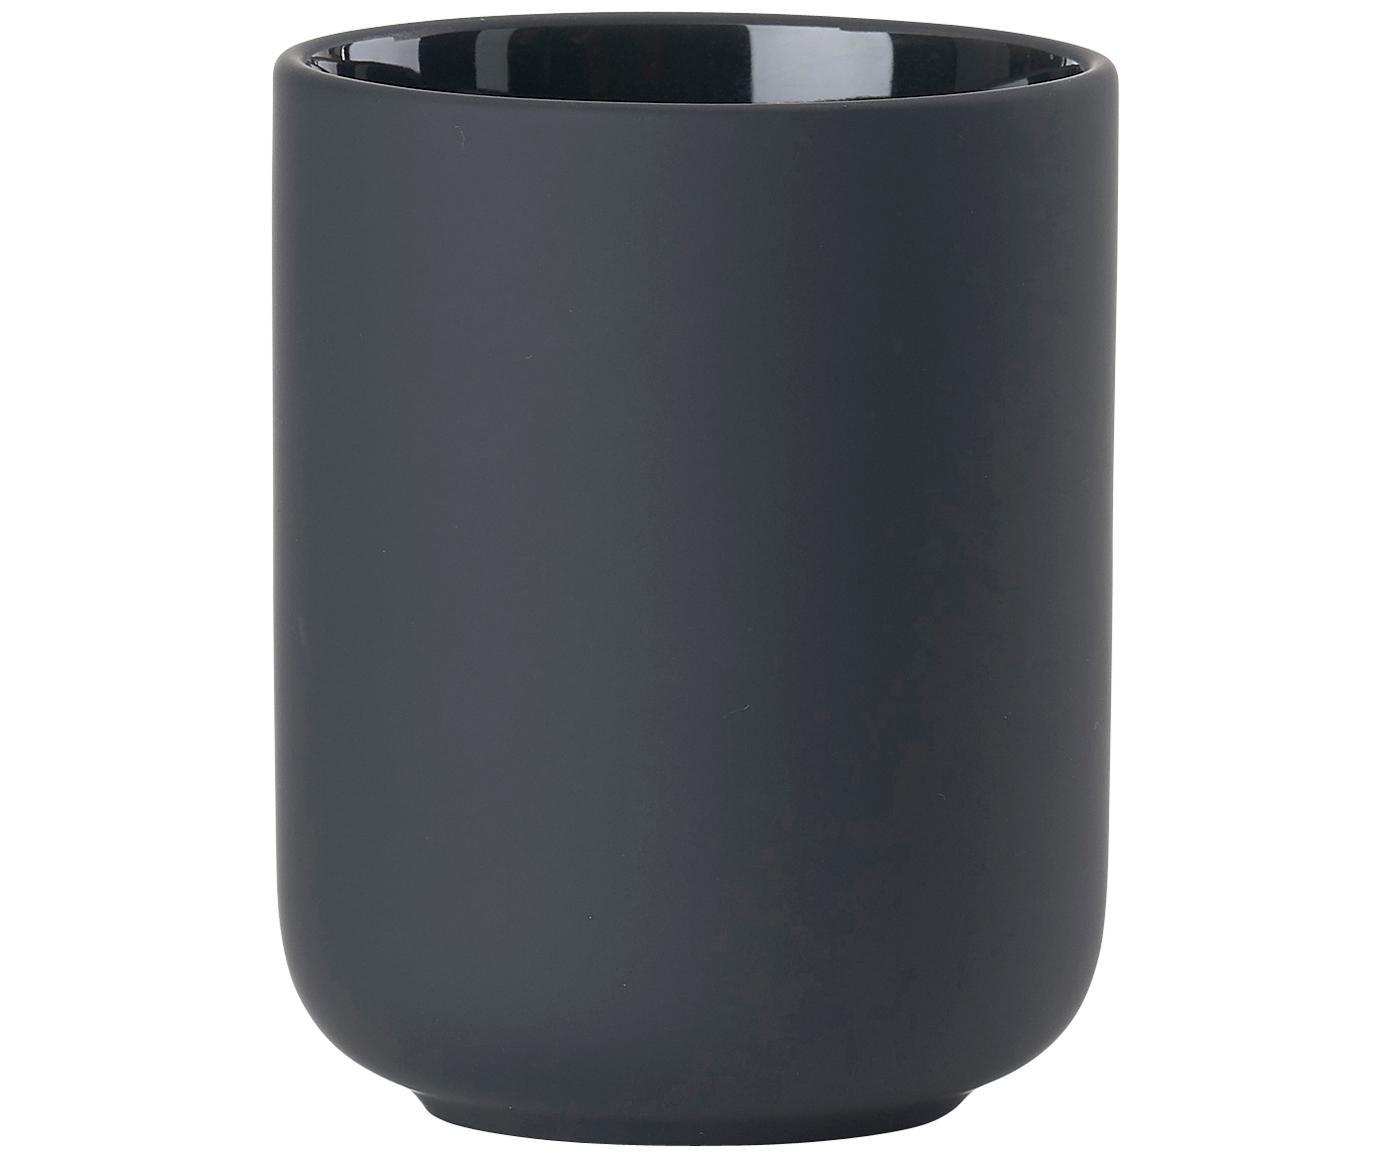 Porta spazzolini in terracotta Ume, Terracotta rivestita con superficie soft-touch (materiale sintetico), Nero opaco, Ø 8 x Alt. 10 cm